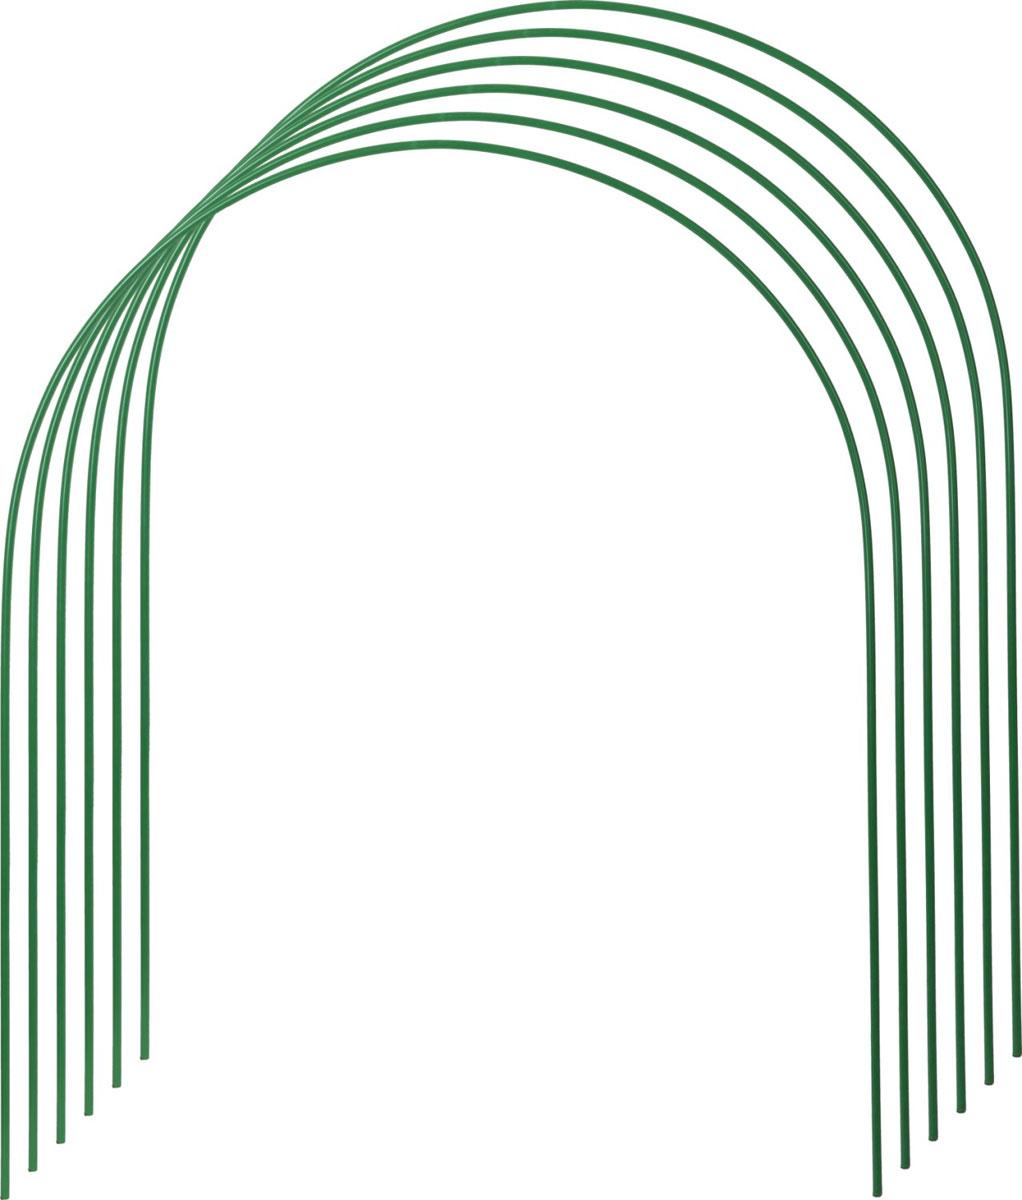 Дуги для парника Grinda, 3 м, 6 шт зажим для крепления пленки к каркасу парника garden show диаметр 20 мм 10 шт